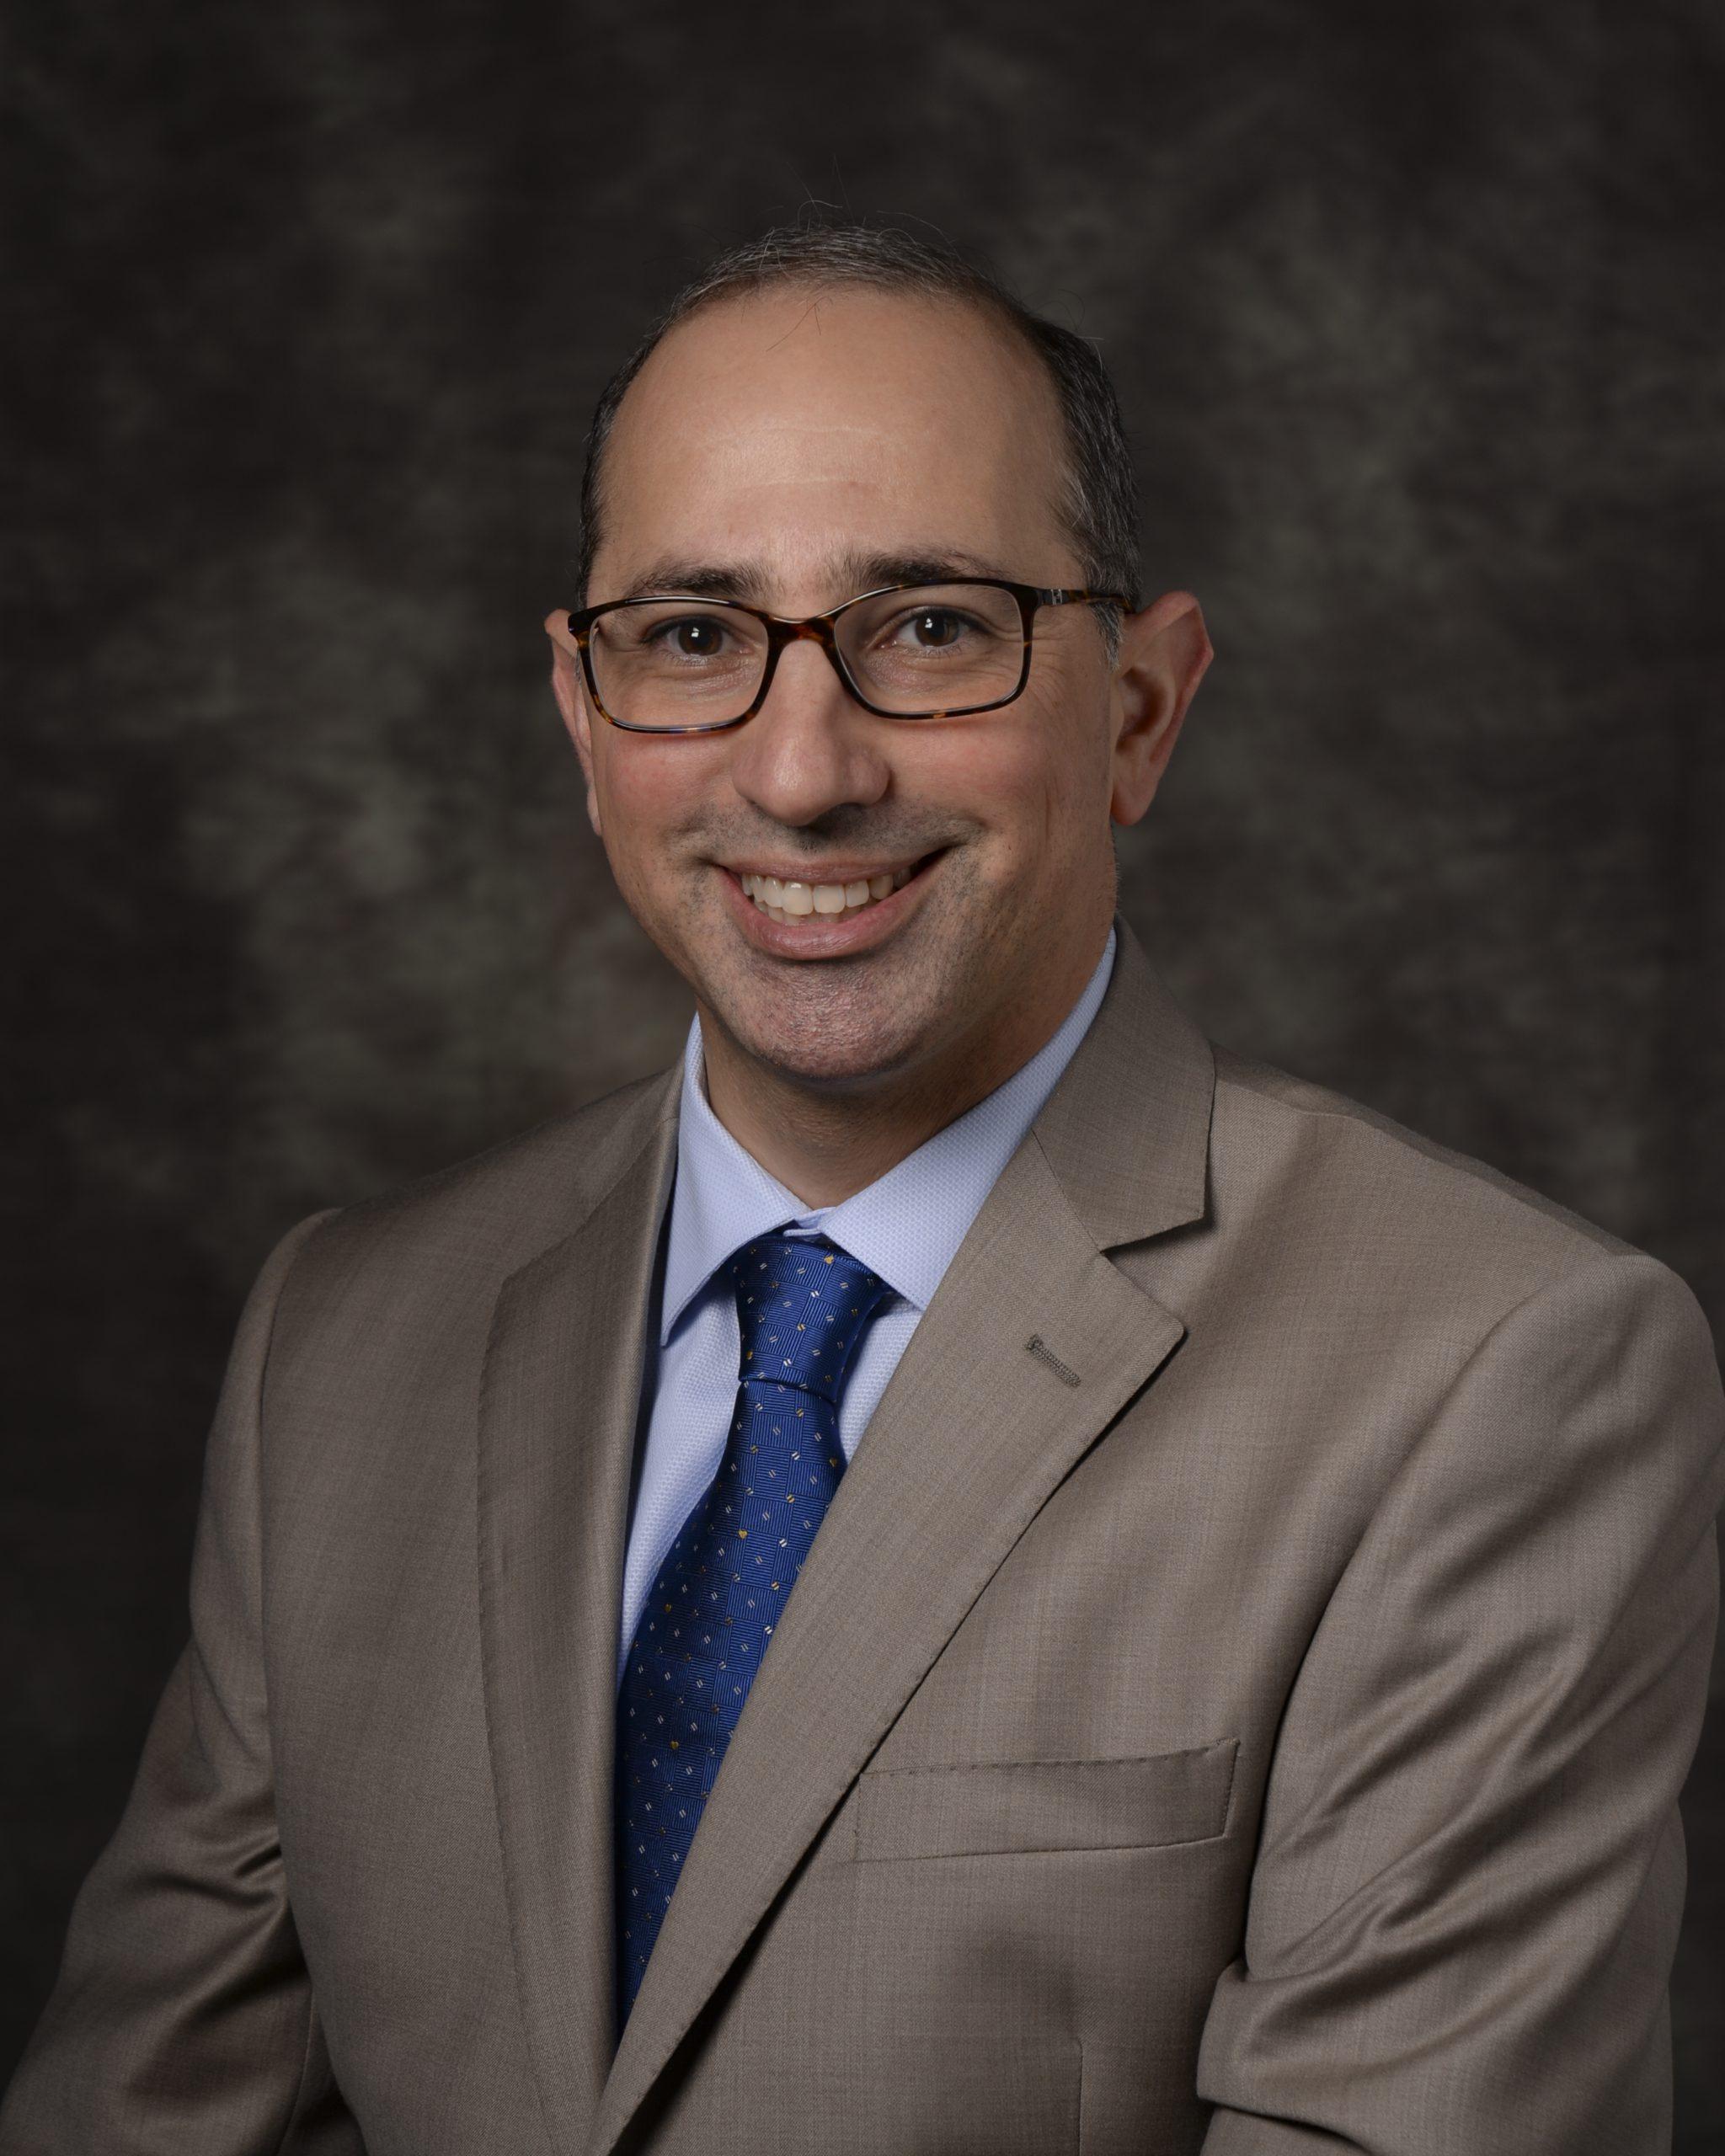 Dominick Angiolillo, MD, PhD